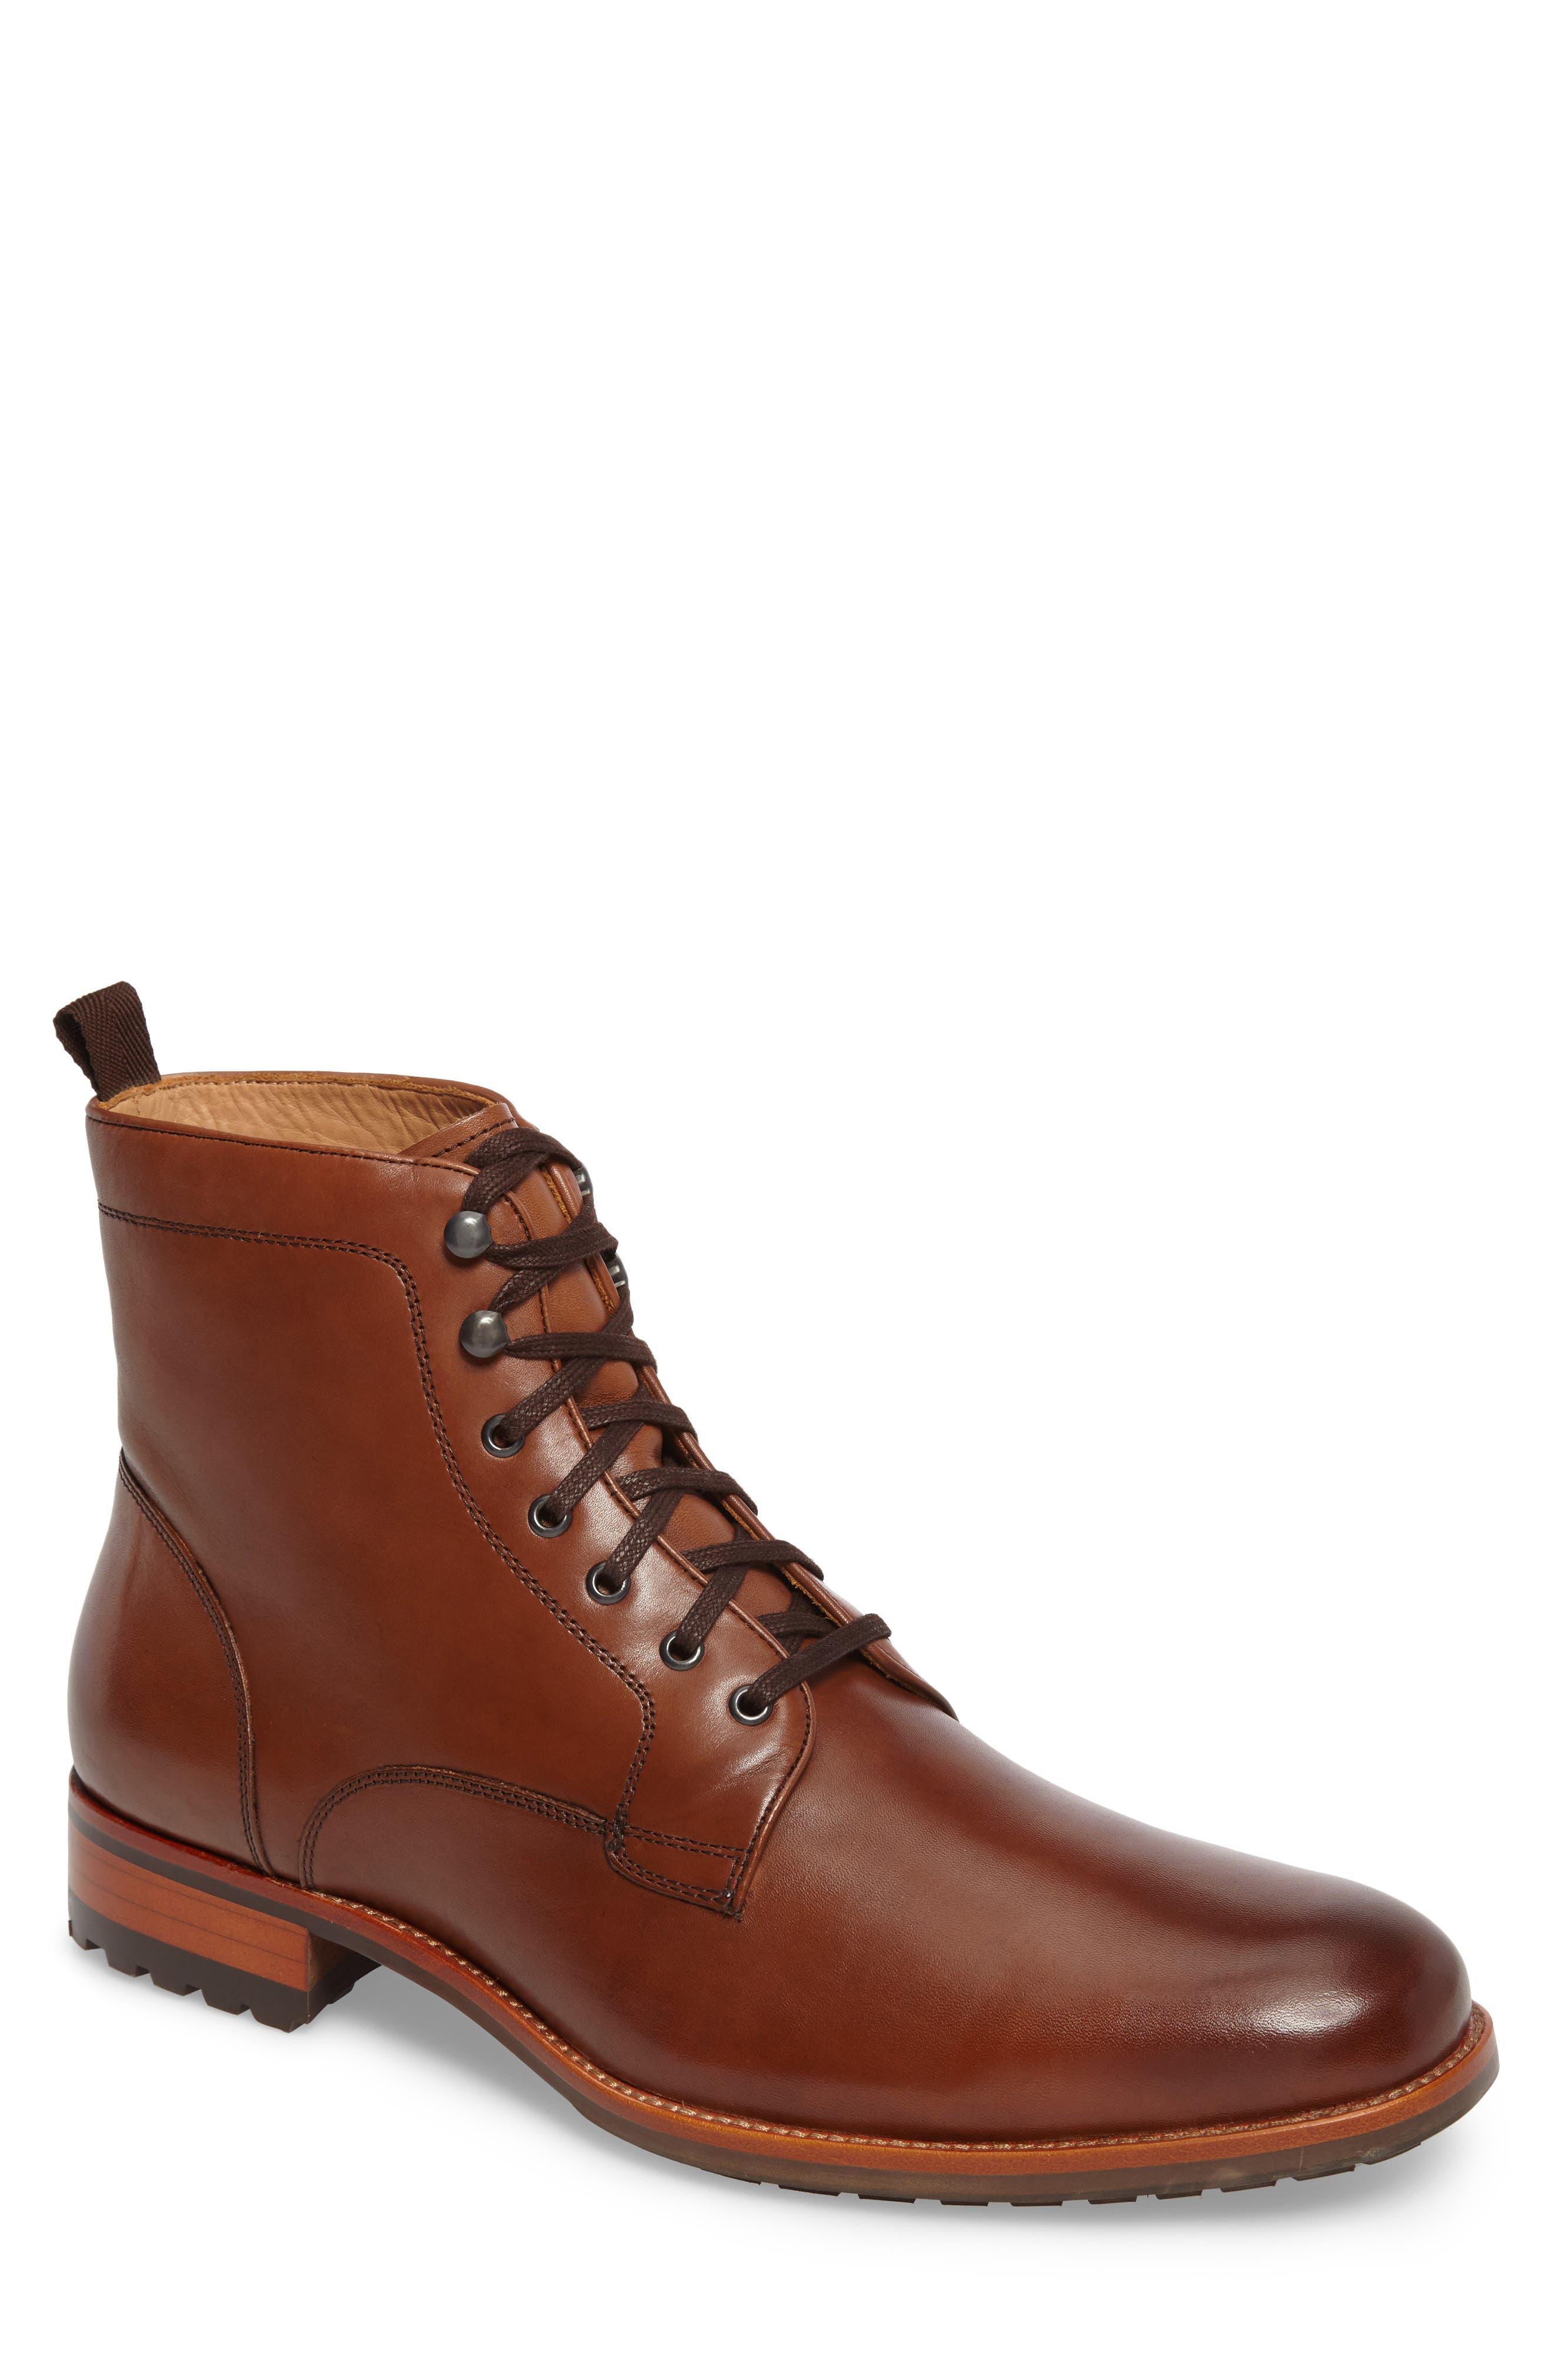 Main Image - John W. Nordstrom® Axeford Plain Toe Boot (Men)